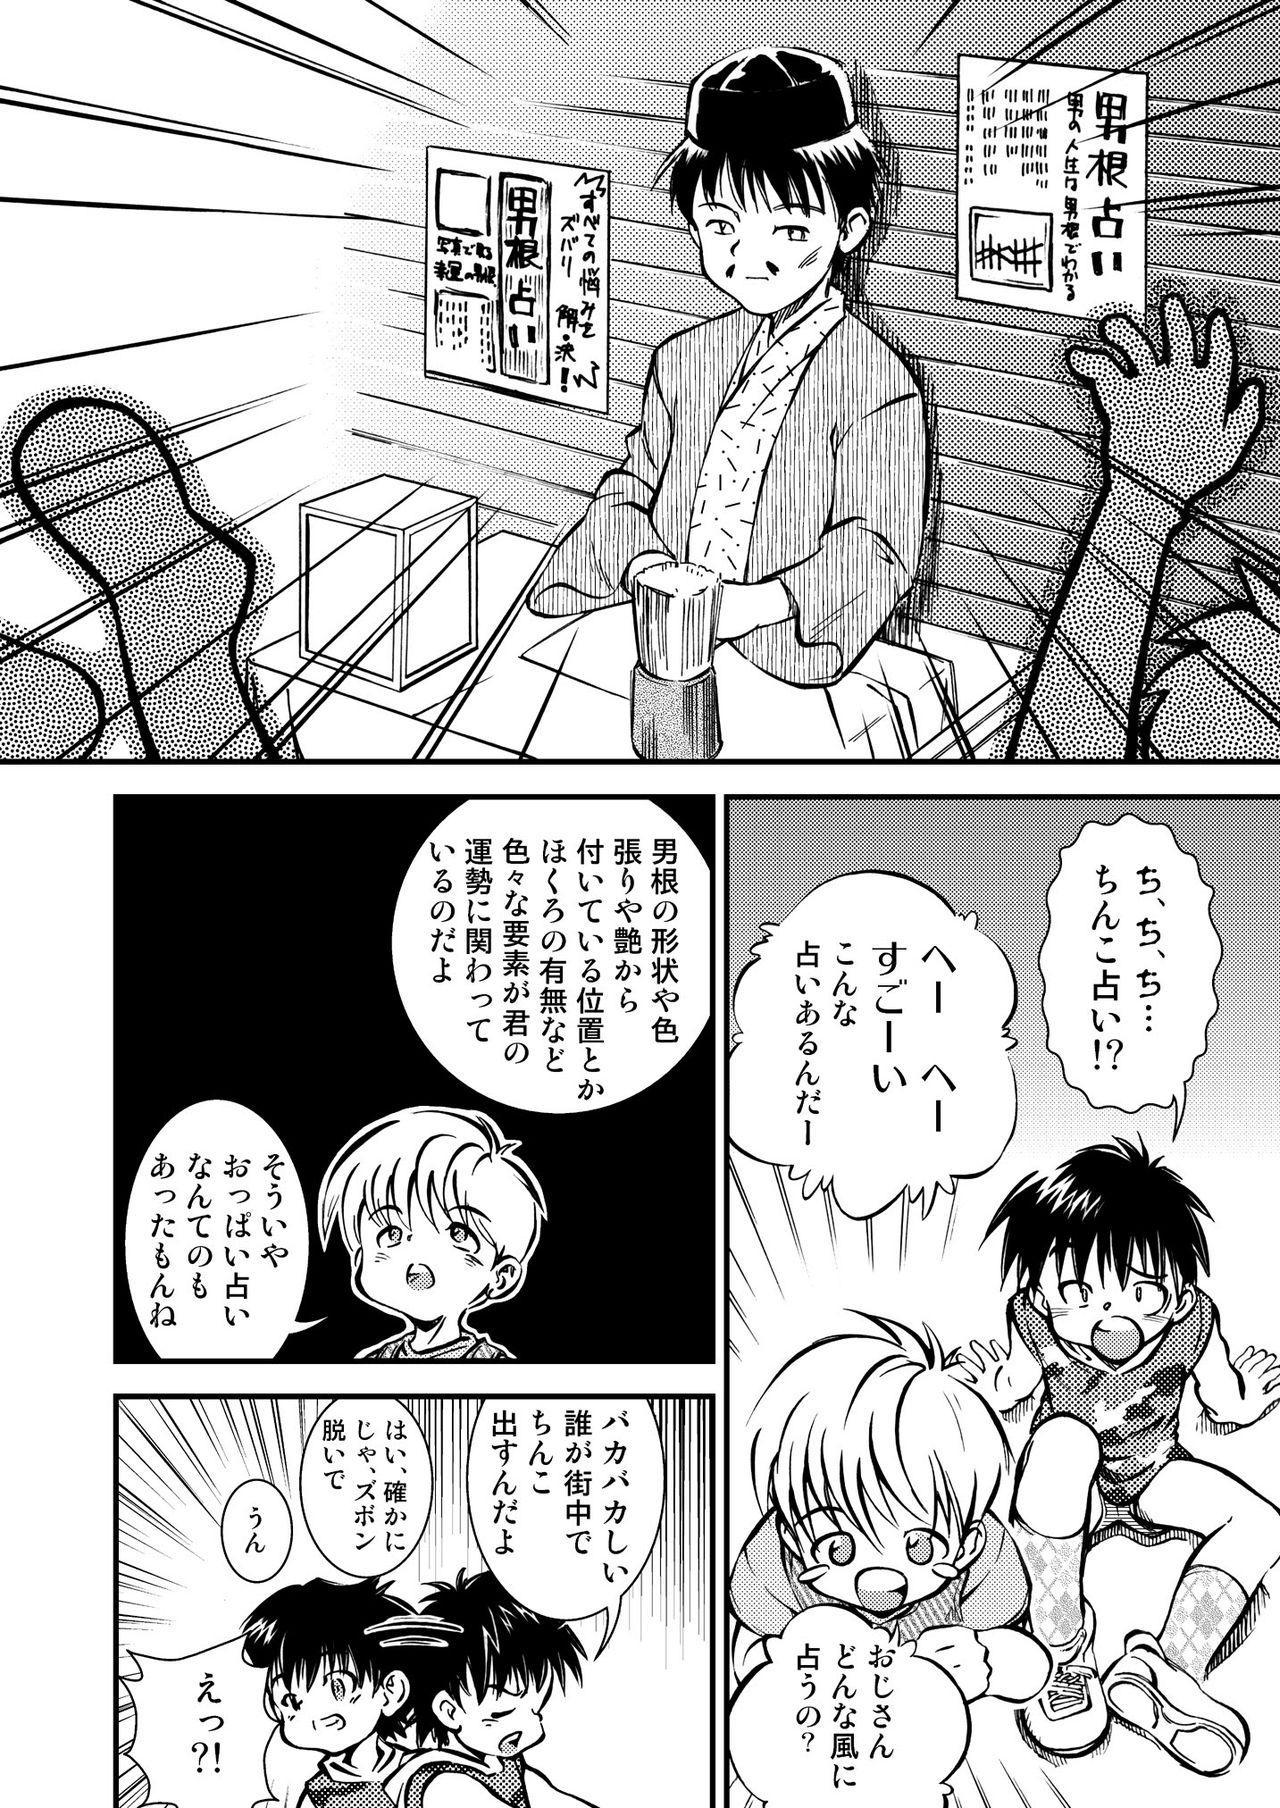 Shinjiru Koto kara Hajimeyou 4